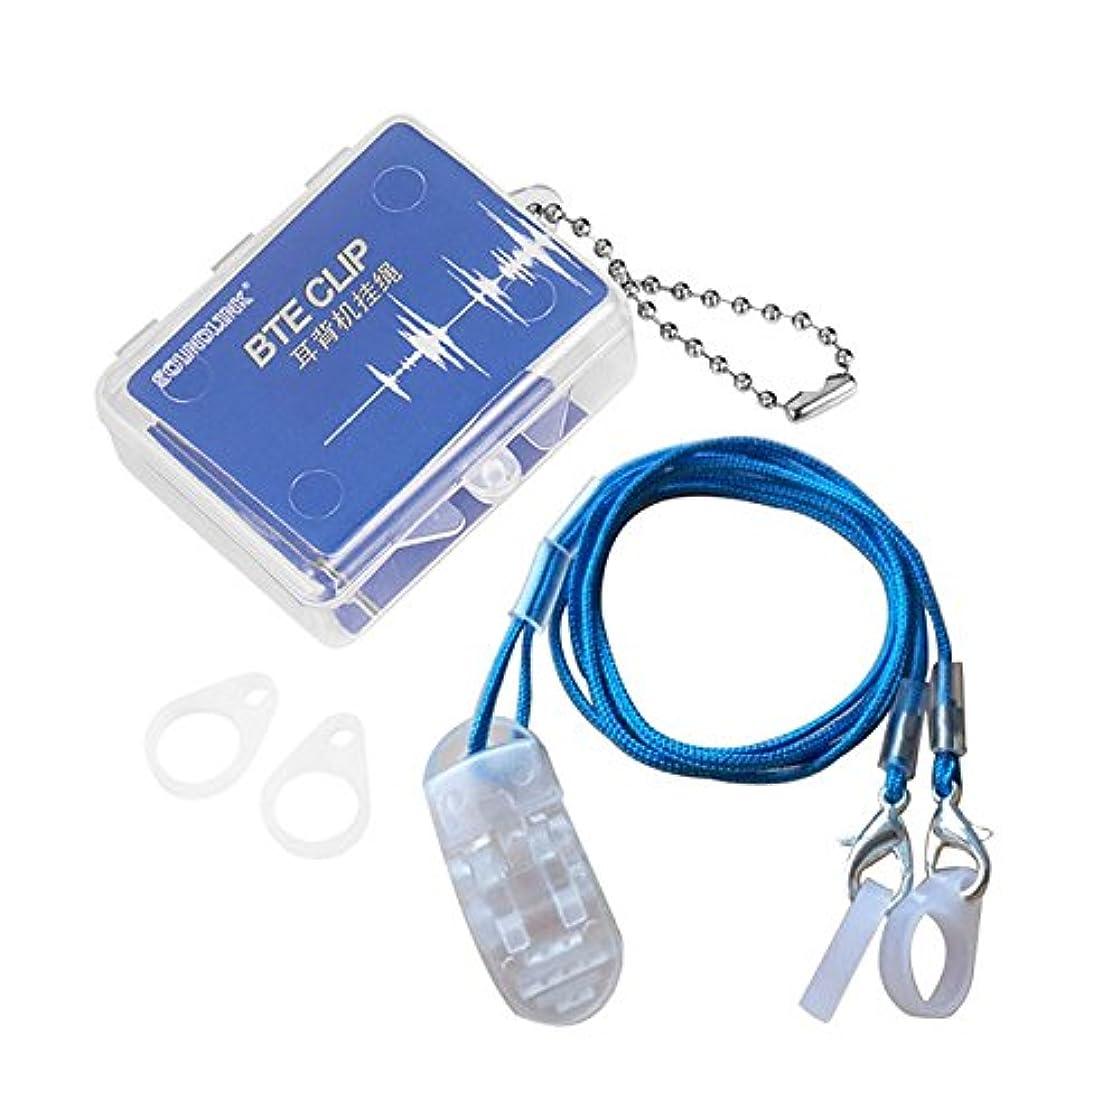 輝度平らな快適Rabugoo 3個/セットBTEの補聴器ロストロープストラップ保護ロープストレージボックス